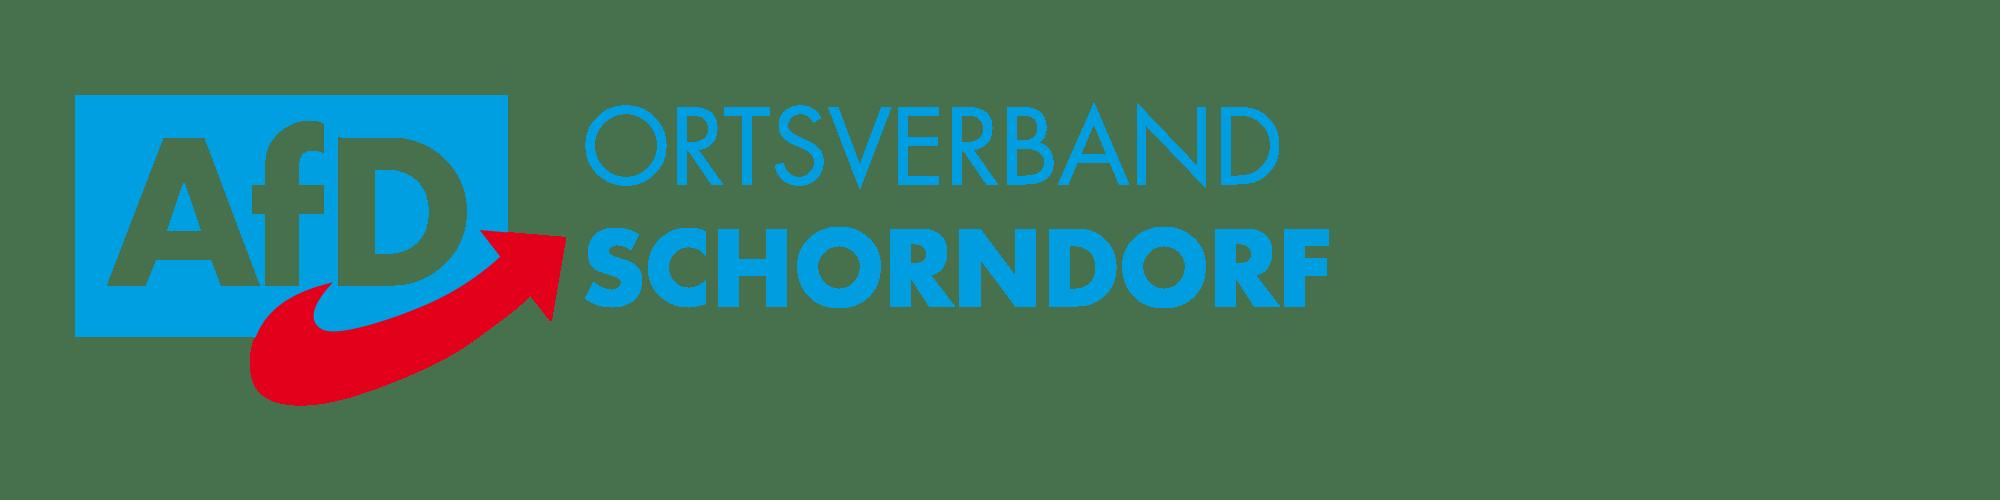 Ortsverband Schorndorf